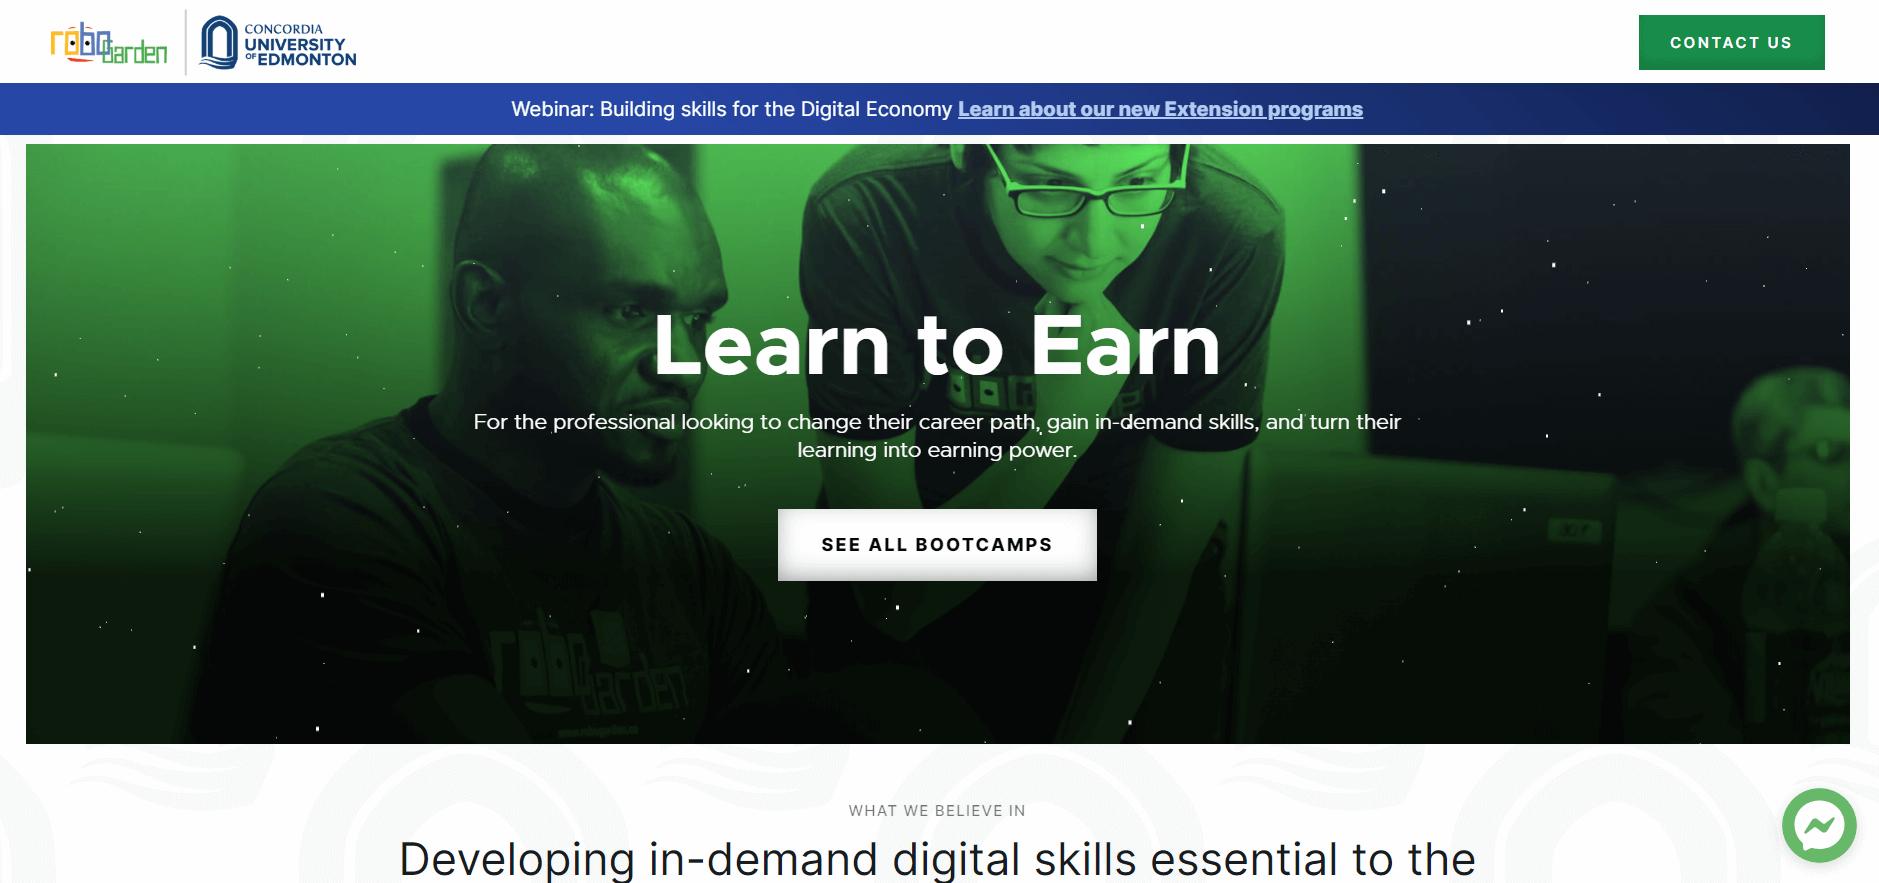 Who Should Apply for RoboGarden Bootcamps